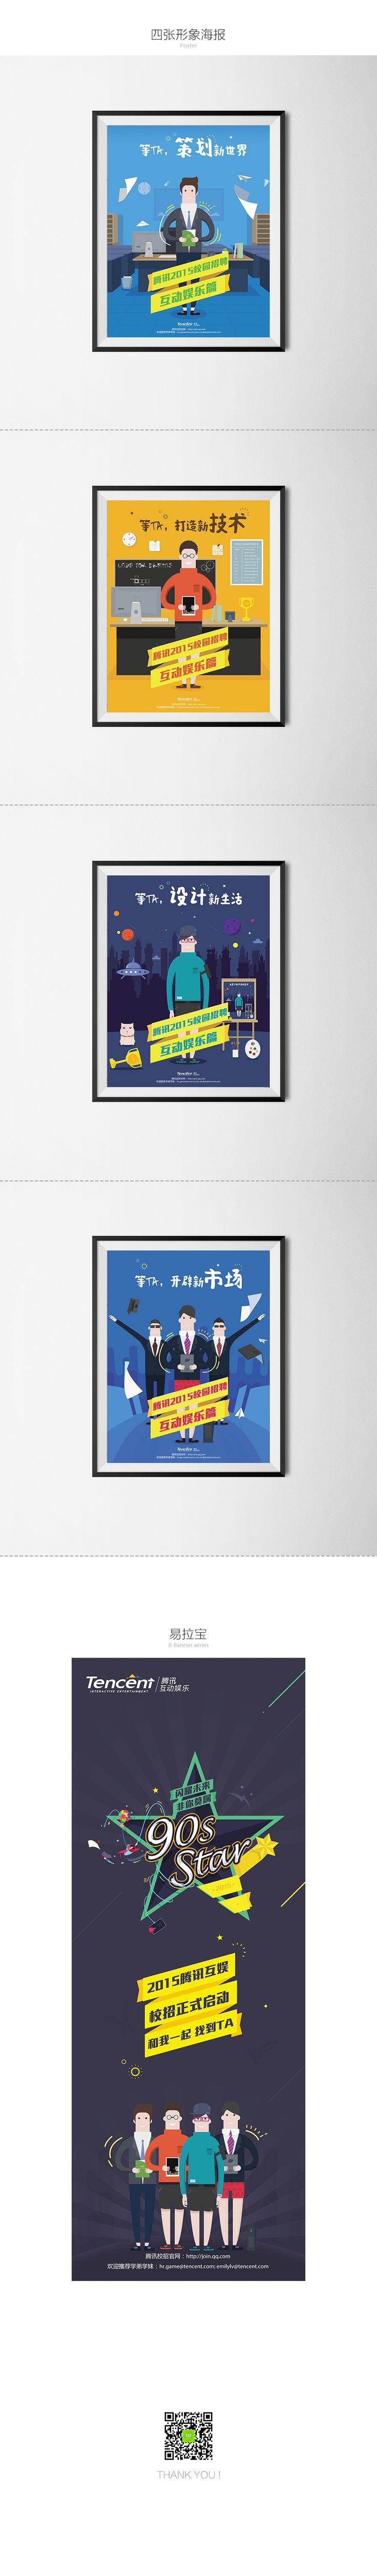 查看《腾讯互娱招聘》原图,原图尺寸:900x6147